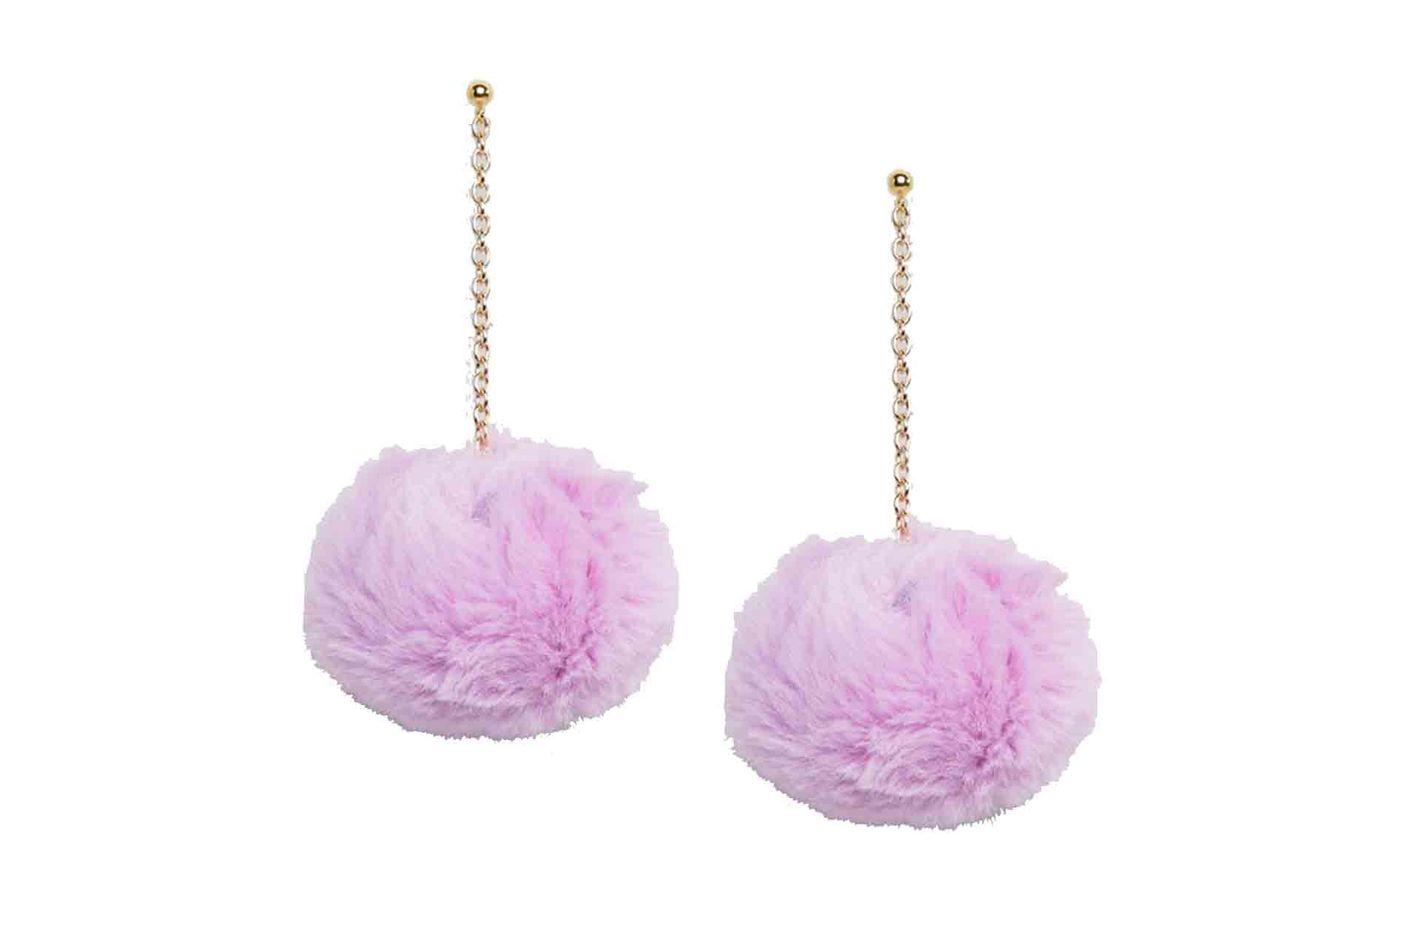 ASOS large pom-pom earrings